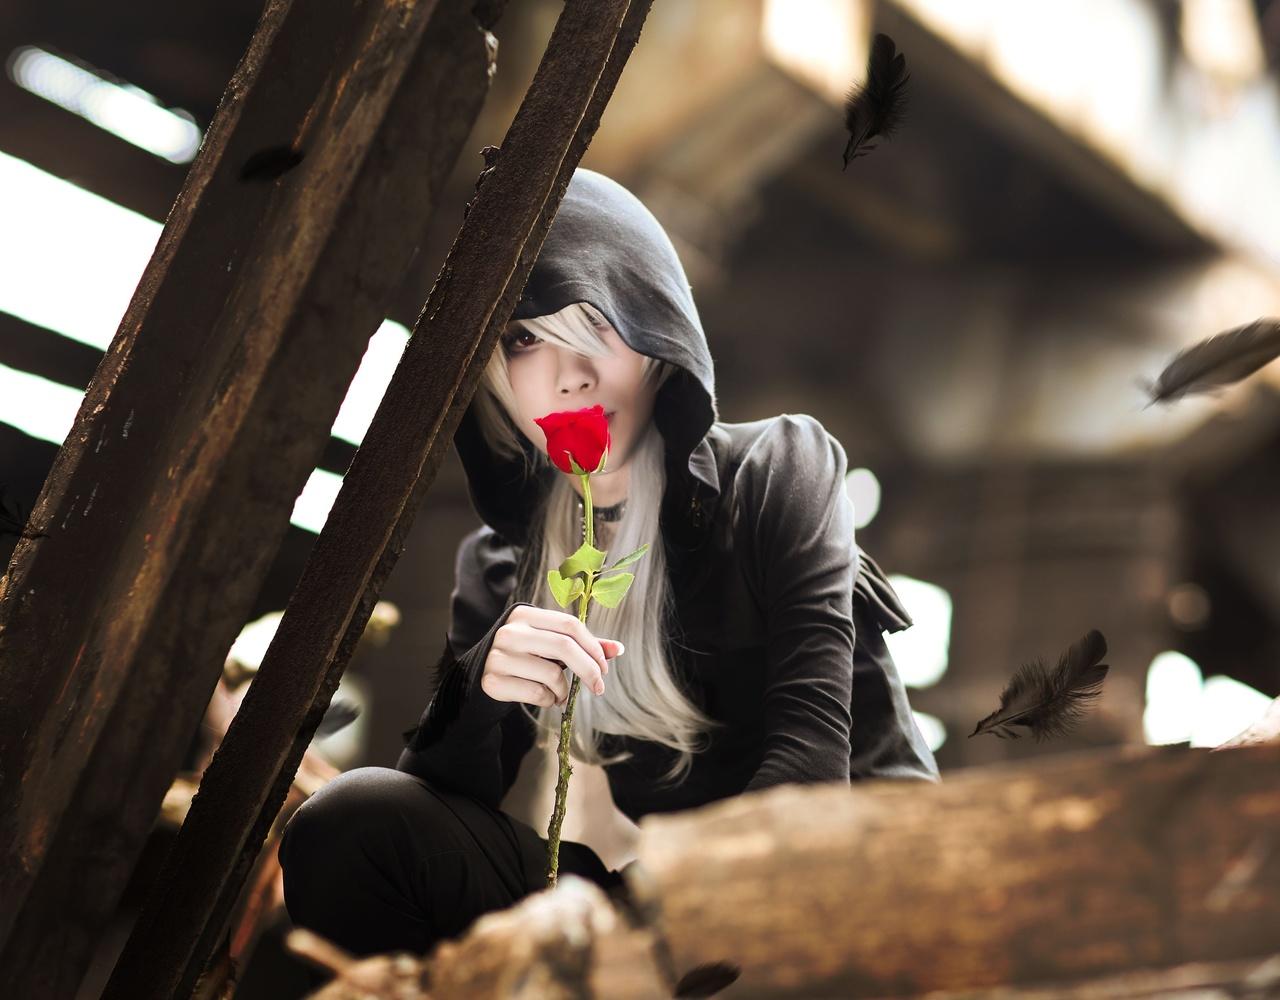 【千韵霗】红玫瑰